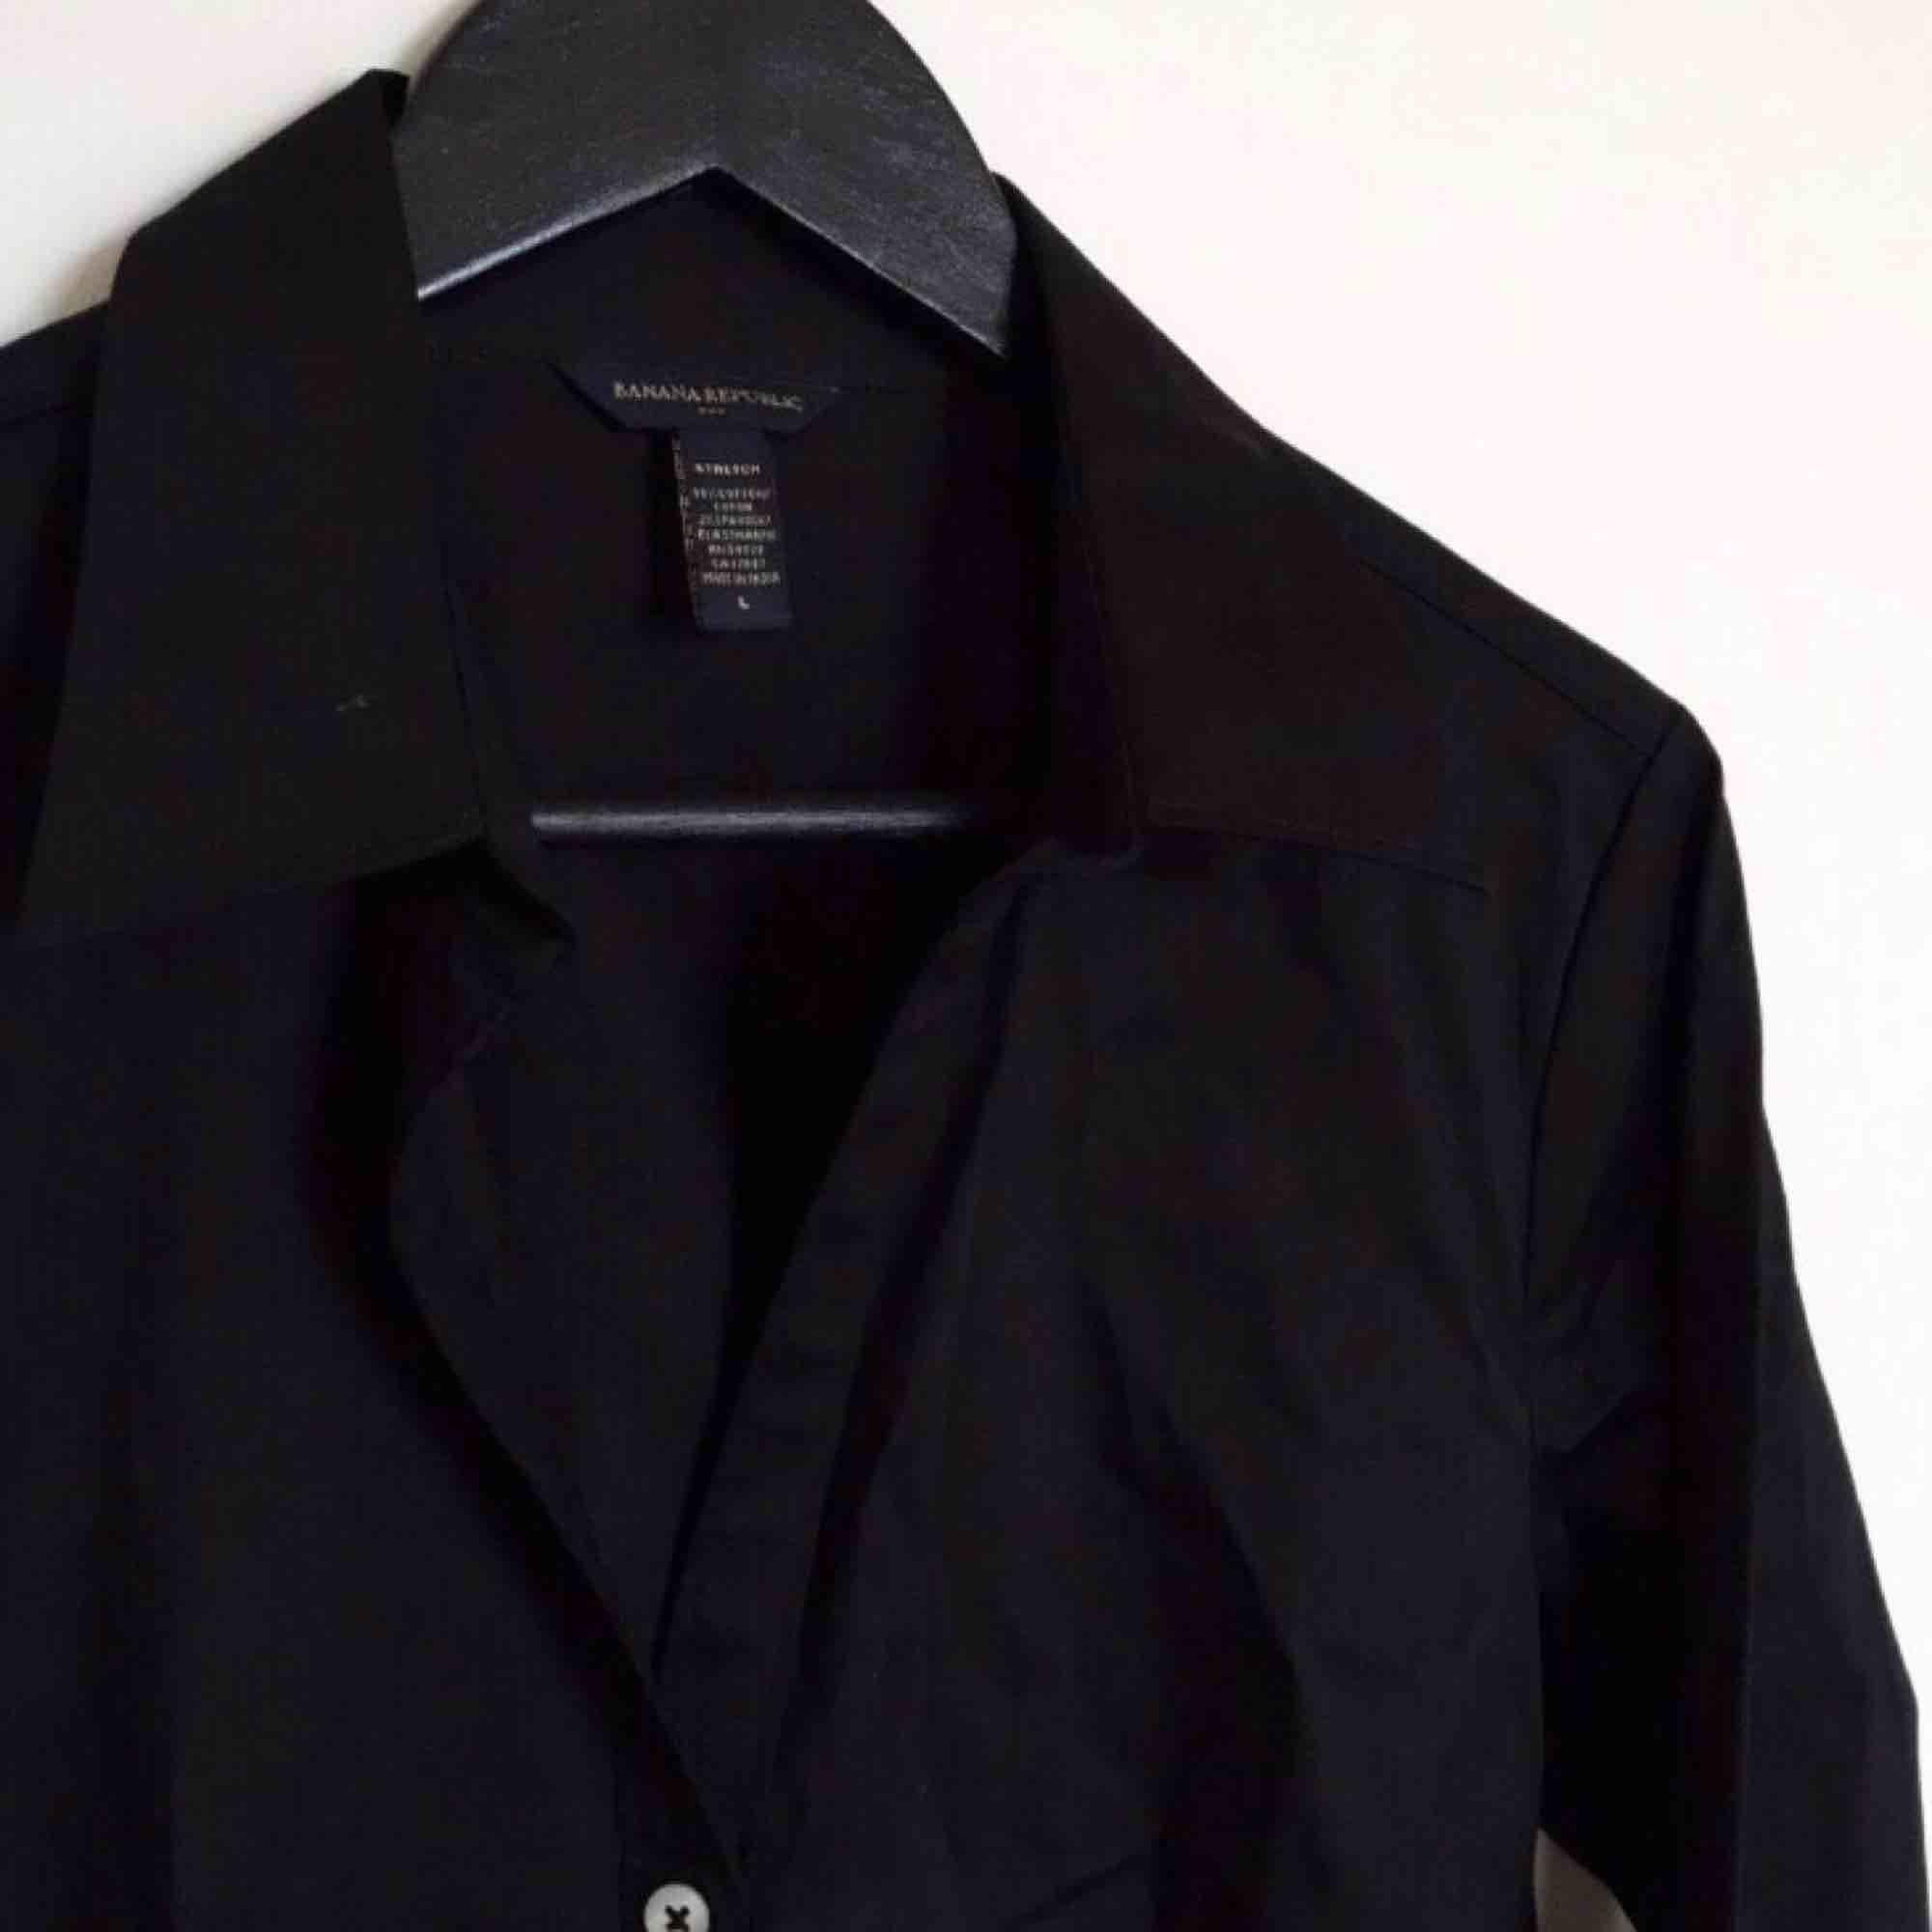 Nästintill oanvänd skjorta i stl L från Banana Republic, bomull med aningen stretch (väldigt fin kvalitet!). Figursydd med snygg passform.  Har Swish. Kan skickas. Djurfritt & rökfritt hem.. Skjortor.